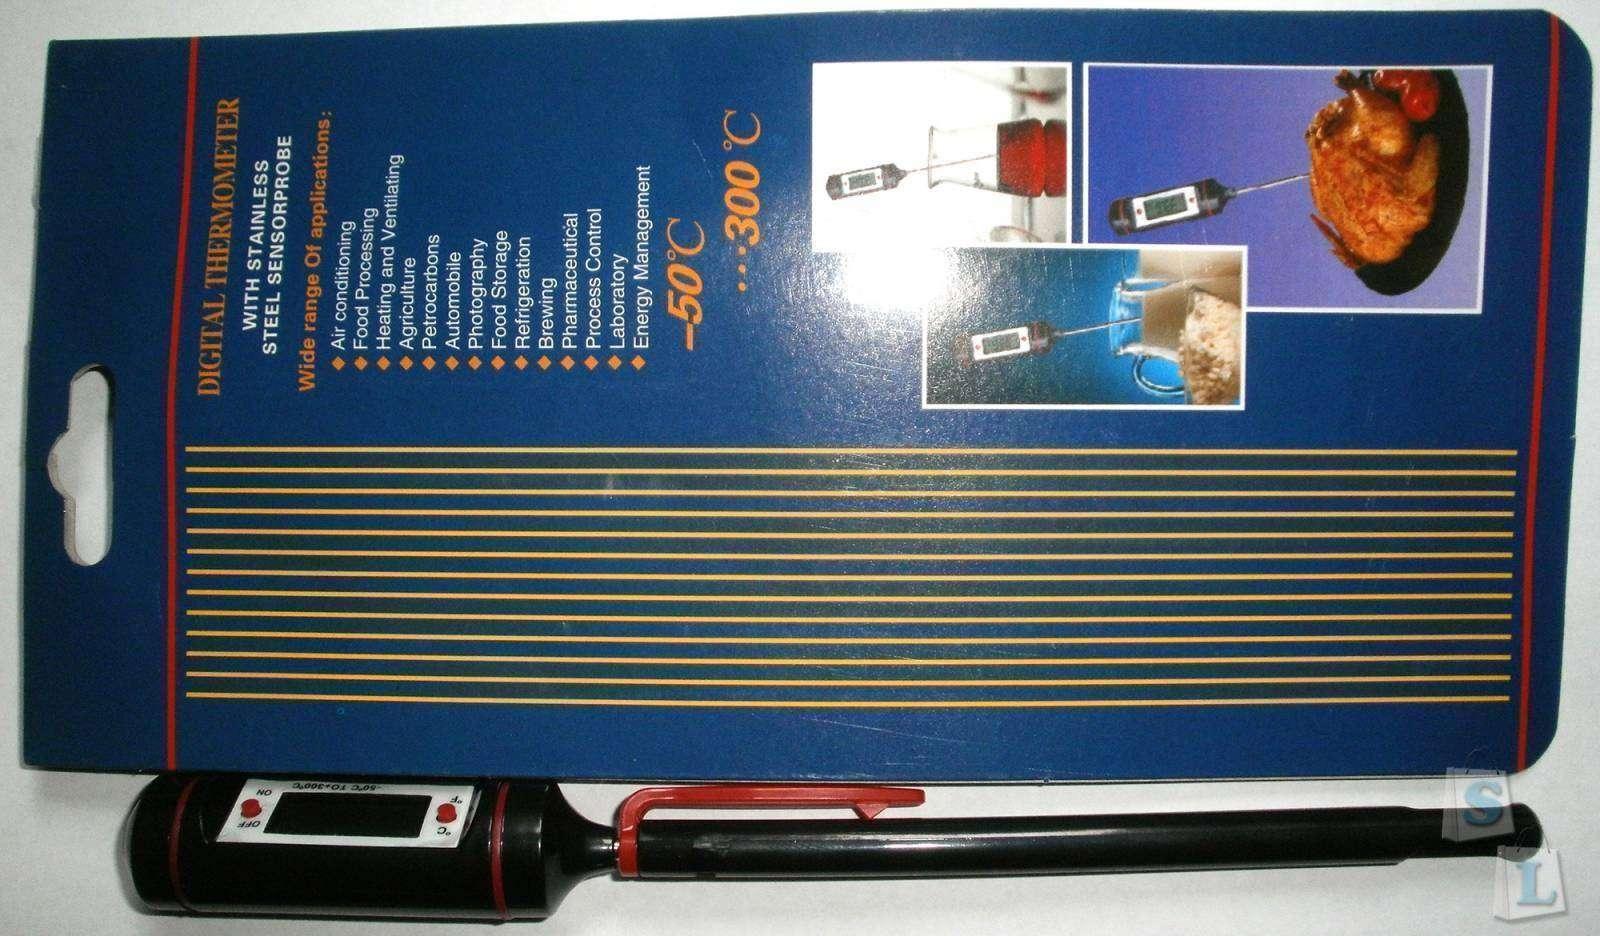 DealExtreme: Цифровой термометр для жидкостей и еды